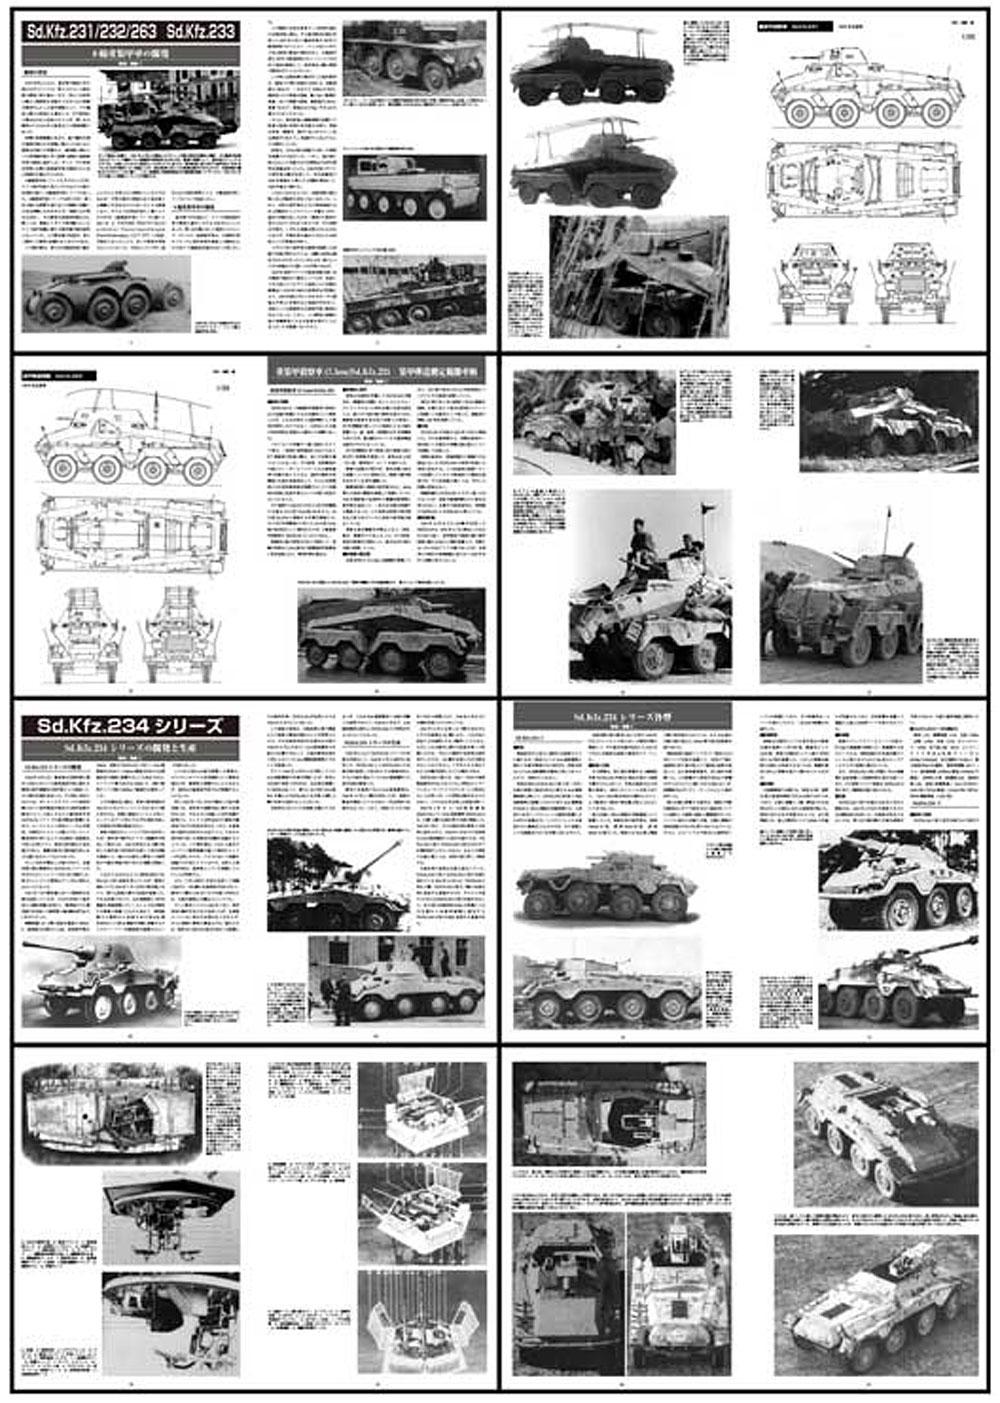 ドイツ 8輪重装甲車別冊(ガリレオ出版グランドパワー別冊No.L-04/22)商品画像_1